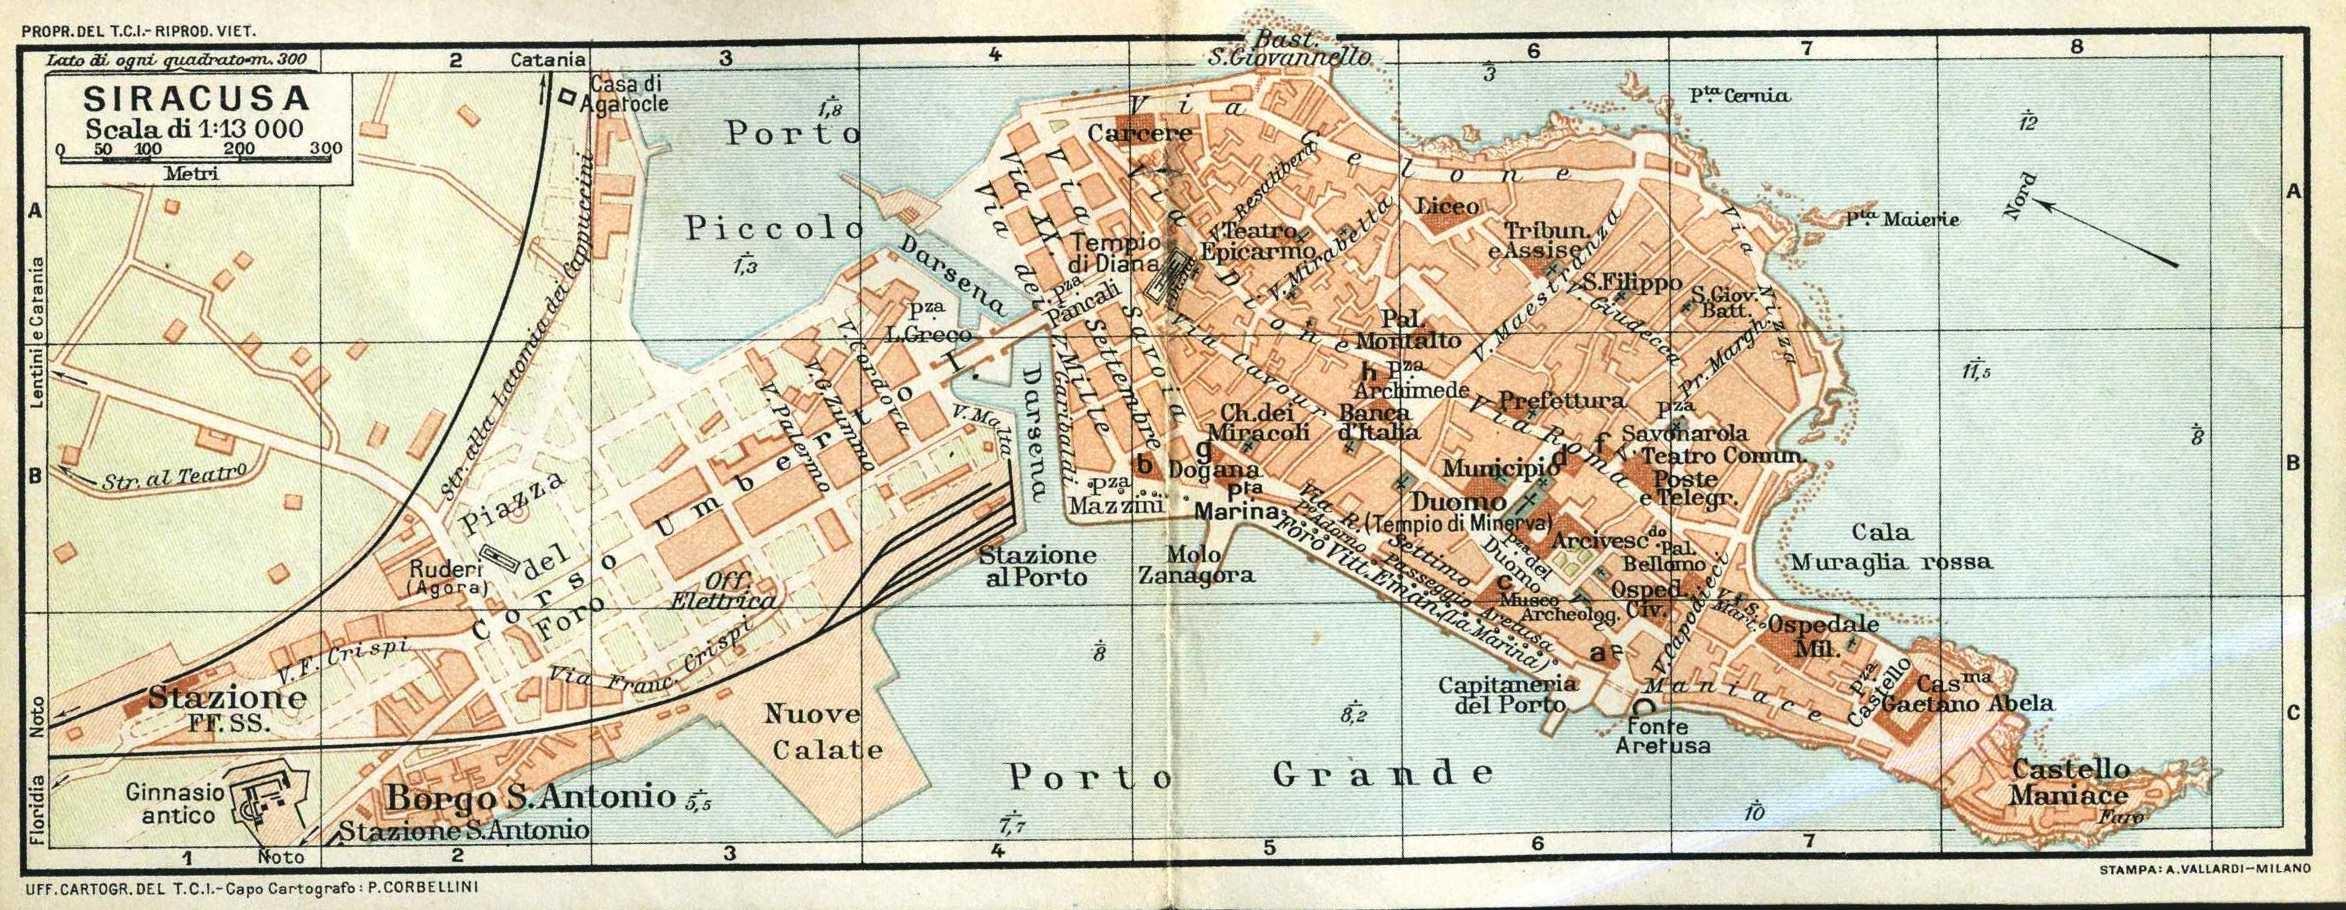 FileSiracusa Map 123434332jpg Wikimedia Commons